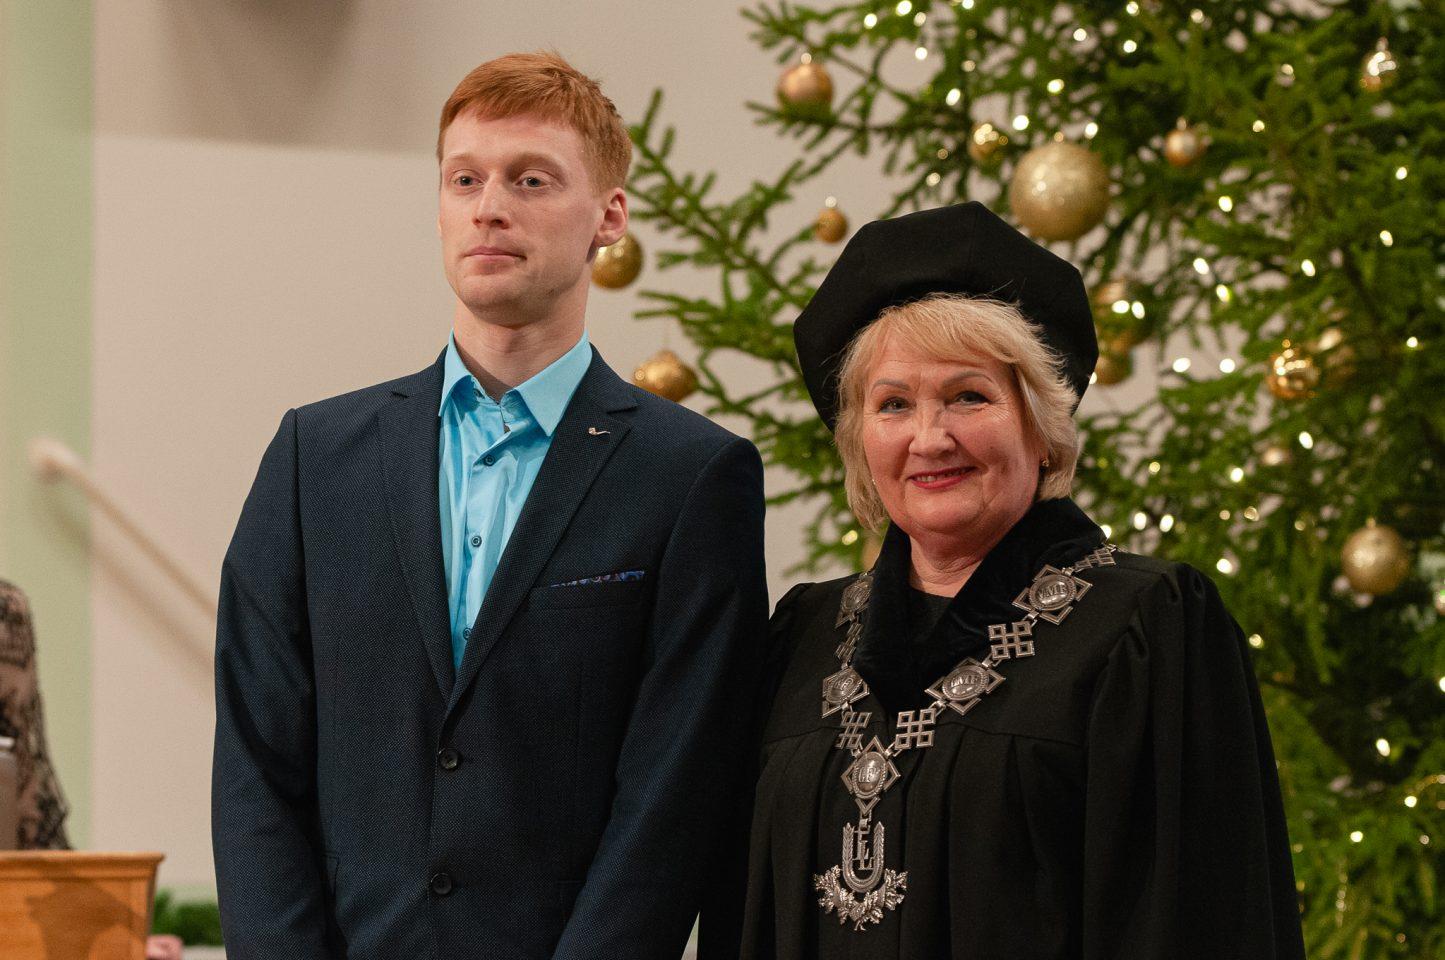 Gara auguma jaunietis stāv blakus universitātes rektorei, tērptai melnajā mantijā, cepurē un ar amata ķēdi kaklā